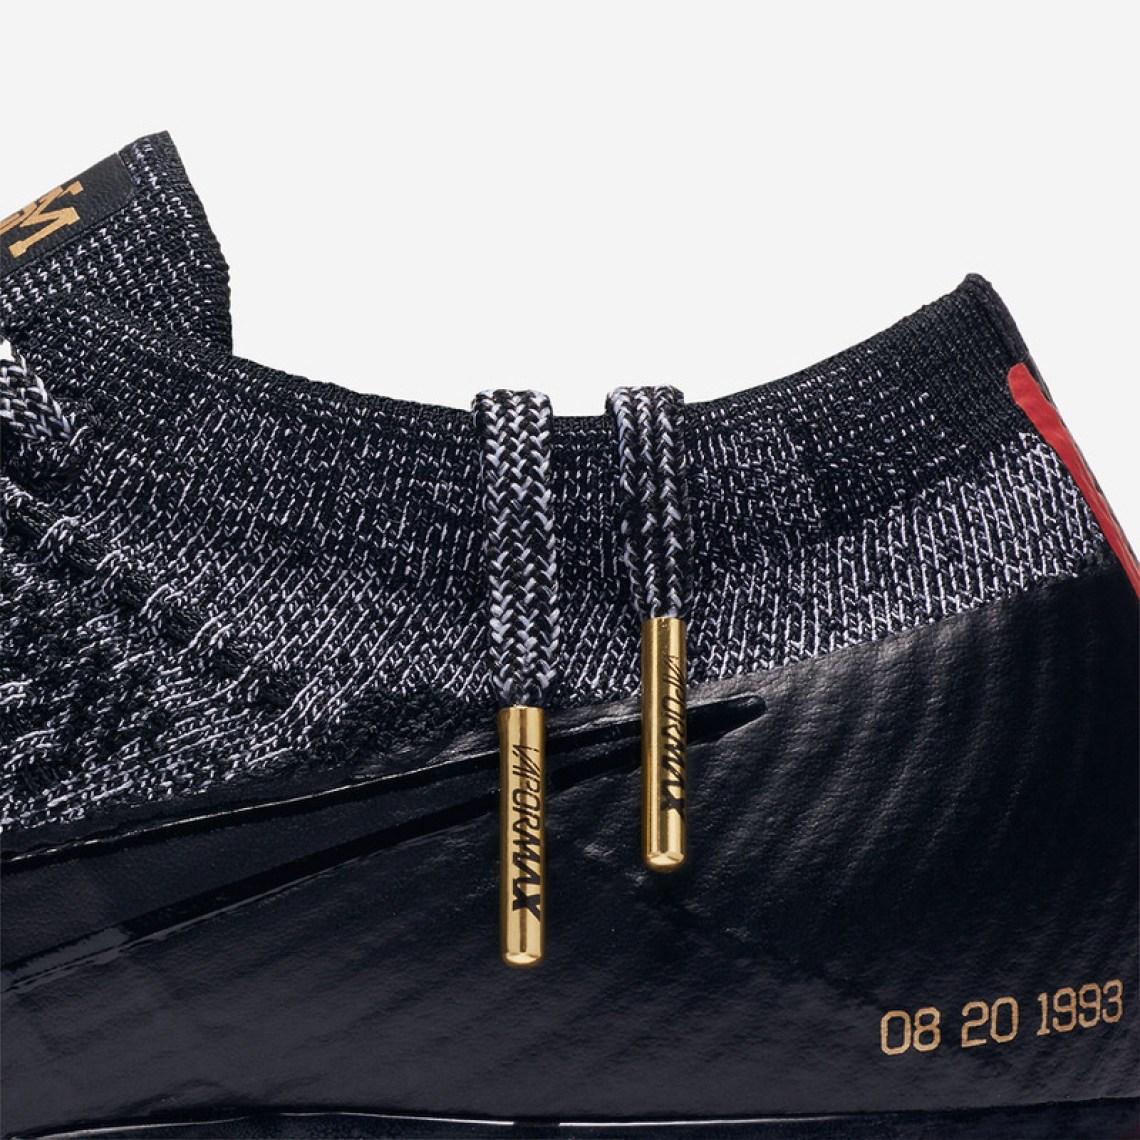 Nike Air VaporMax BHM